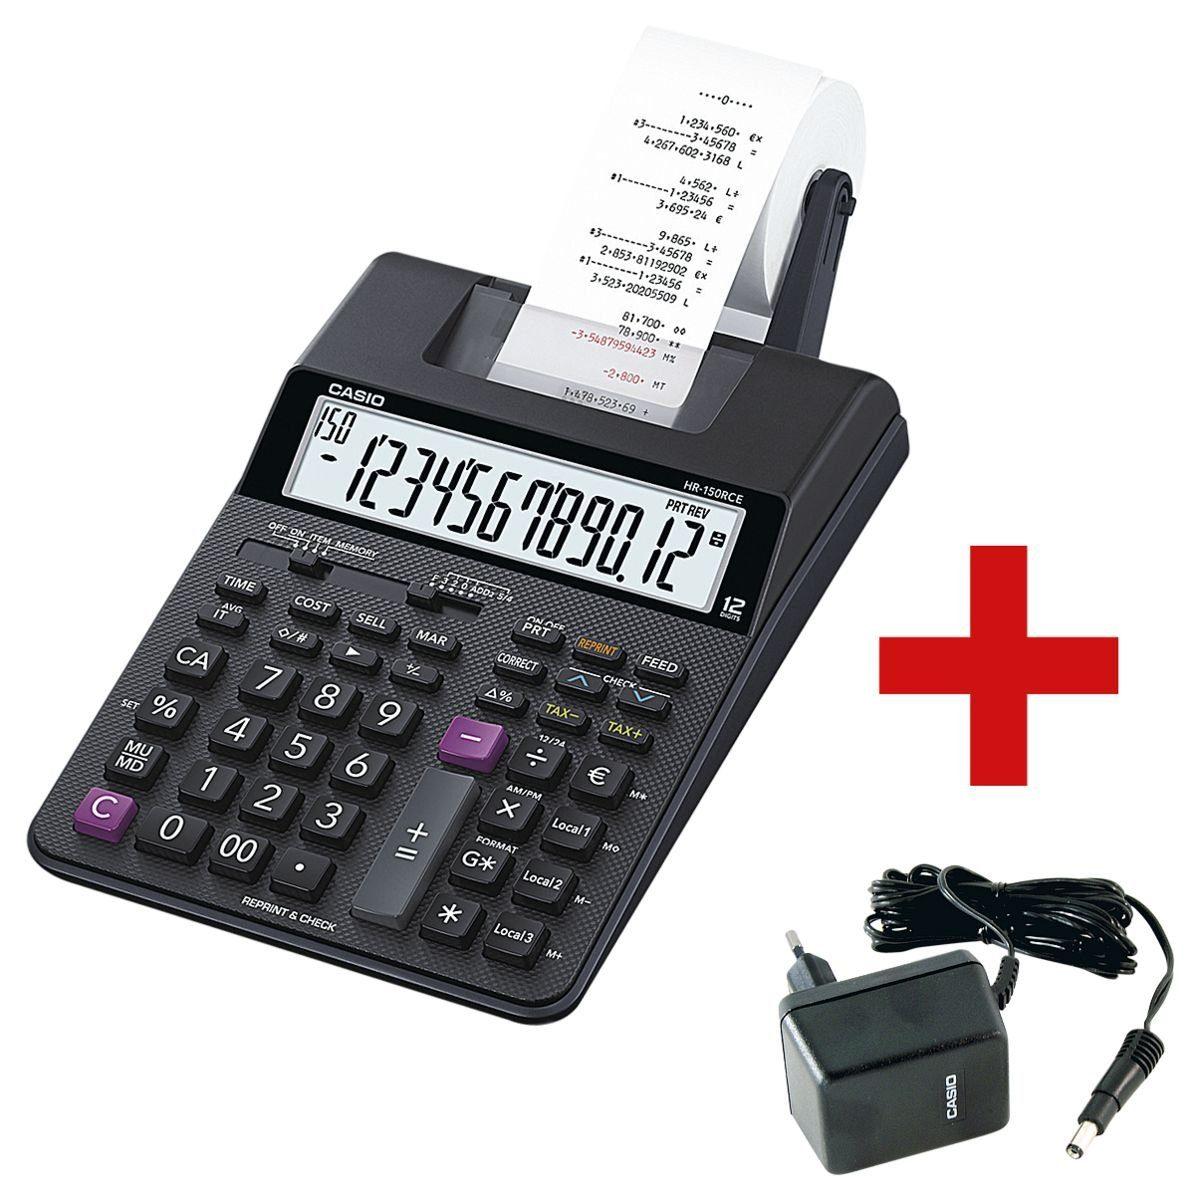 CASIO Druckender Tischrechner inkl. passendem Netzadapter »HR-150RCE« 1 Set